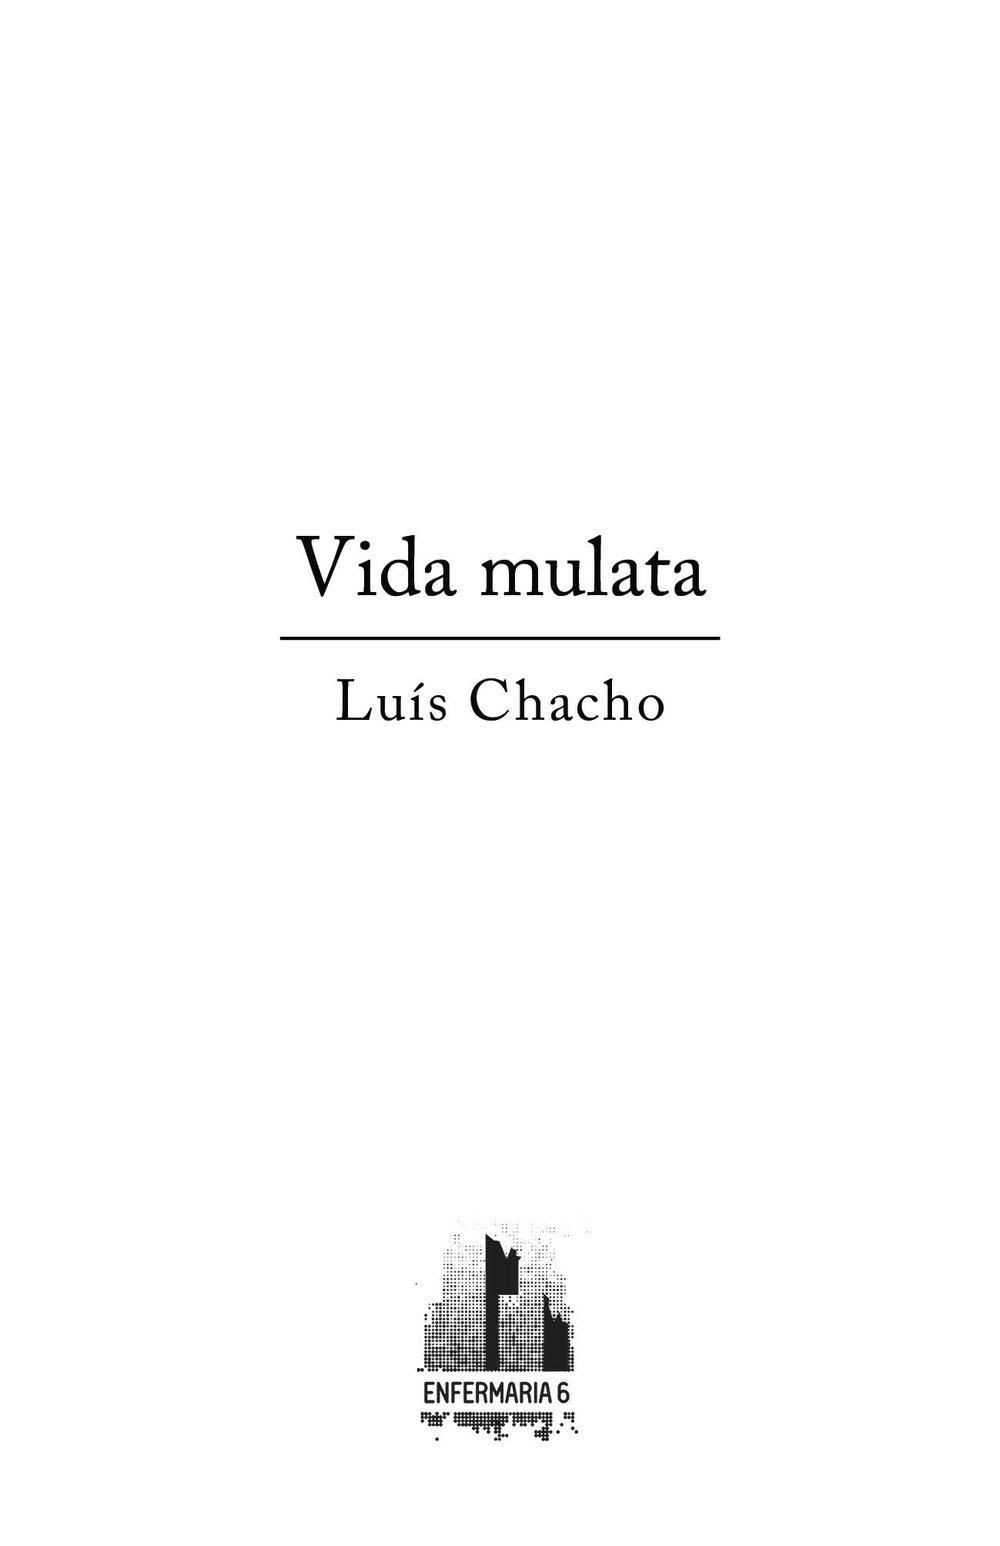 Playlist para 'vida mulata' de luís chacho